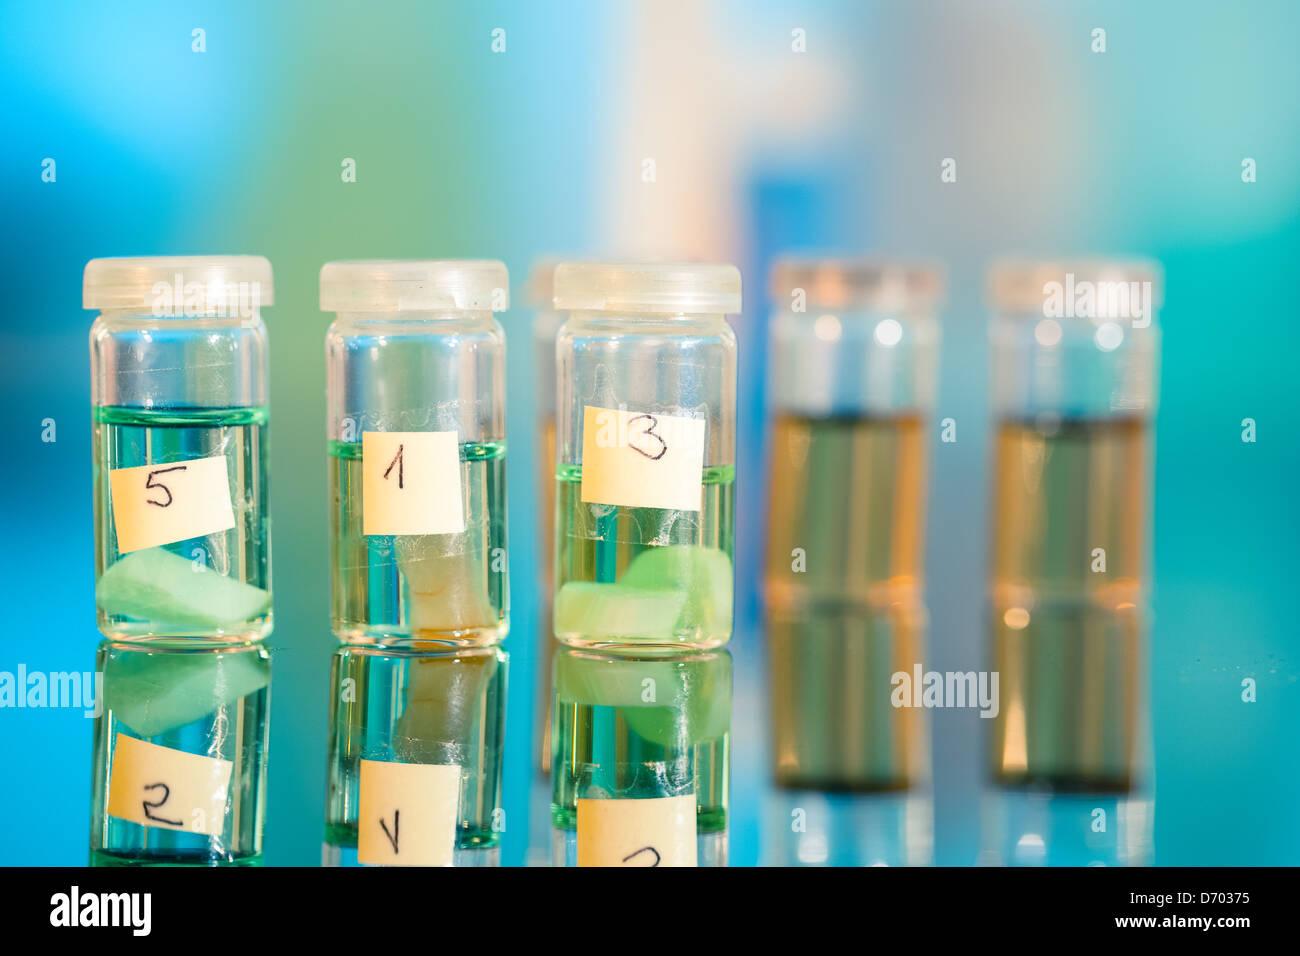 Tre campioni in fiale in plastica per microscopia e tessuto di biopsia . laboratorio biologico Immagini Stock